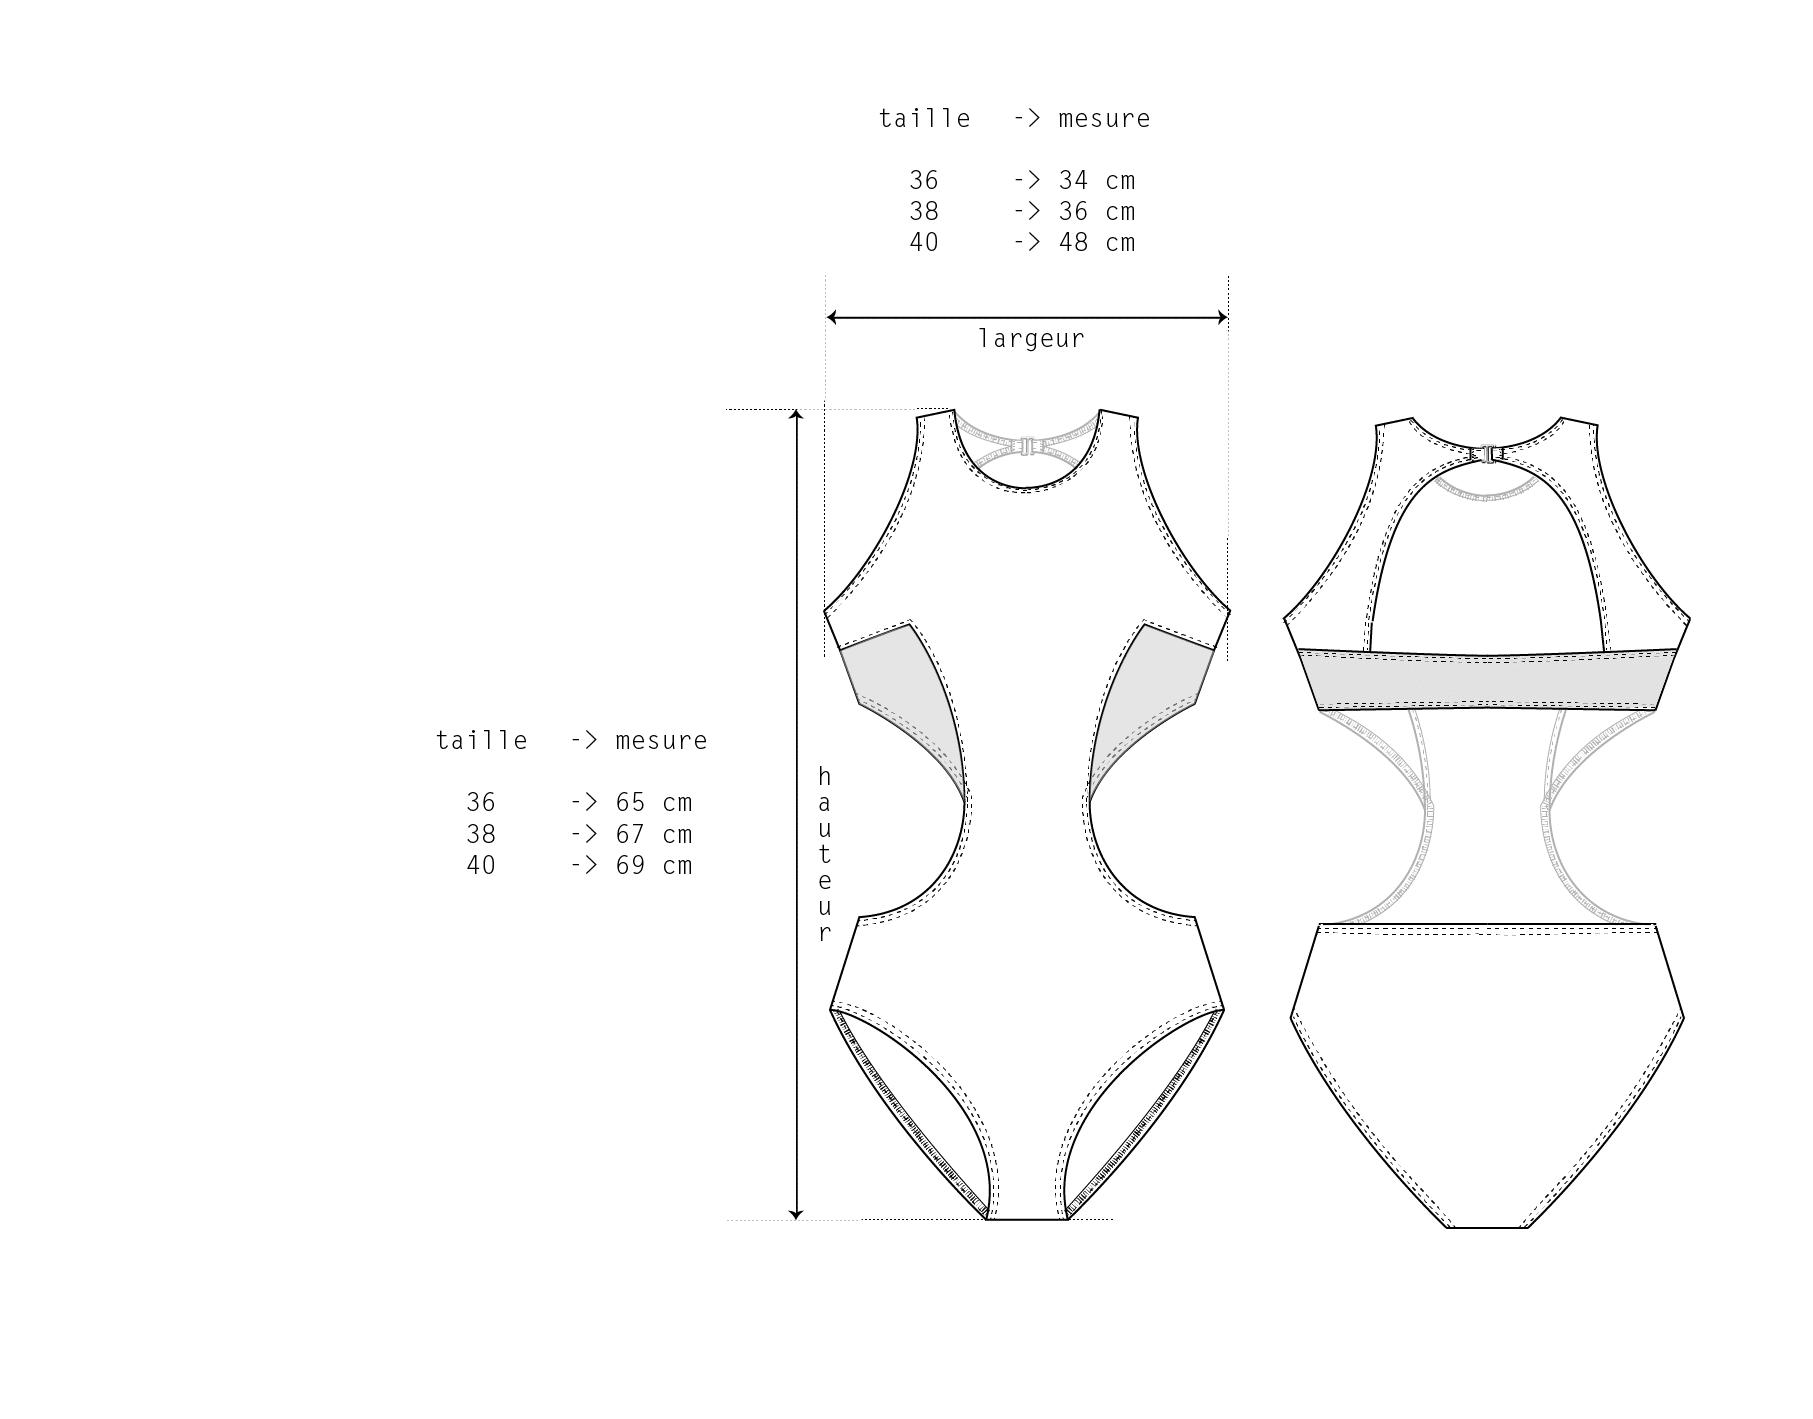 dessin technique trikini maillot